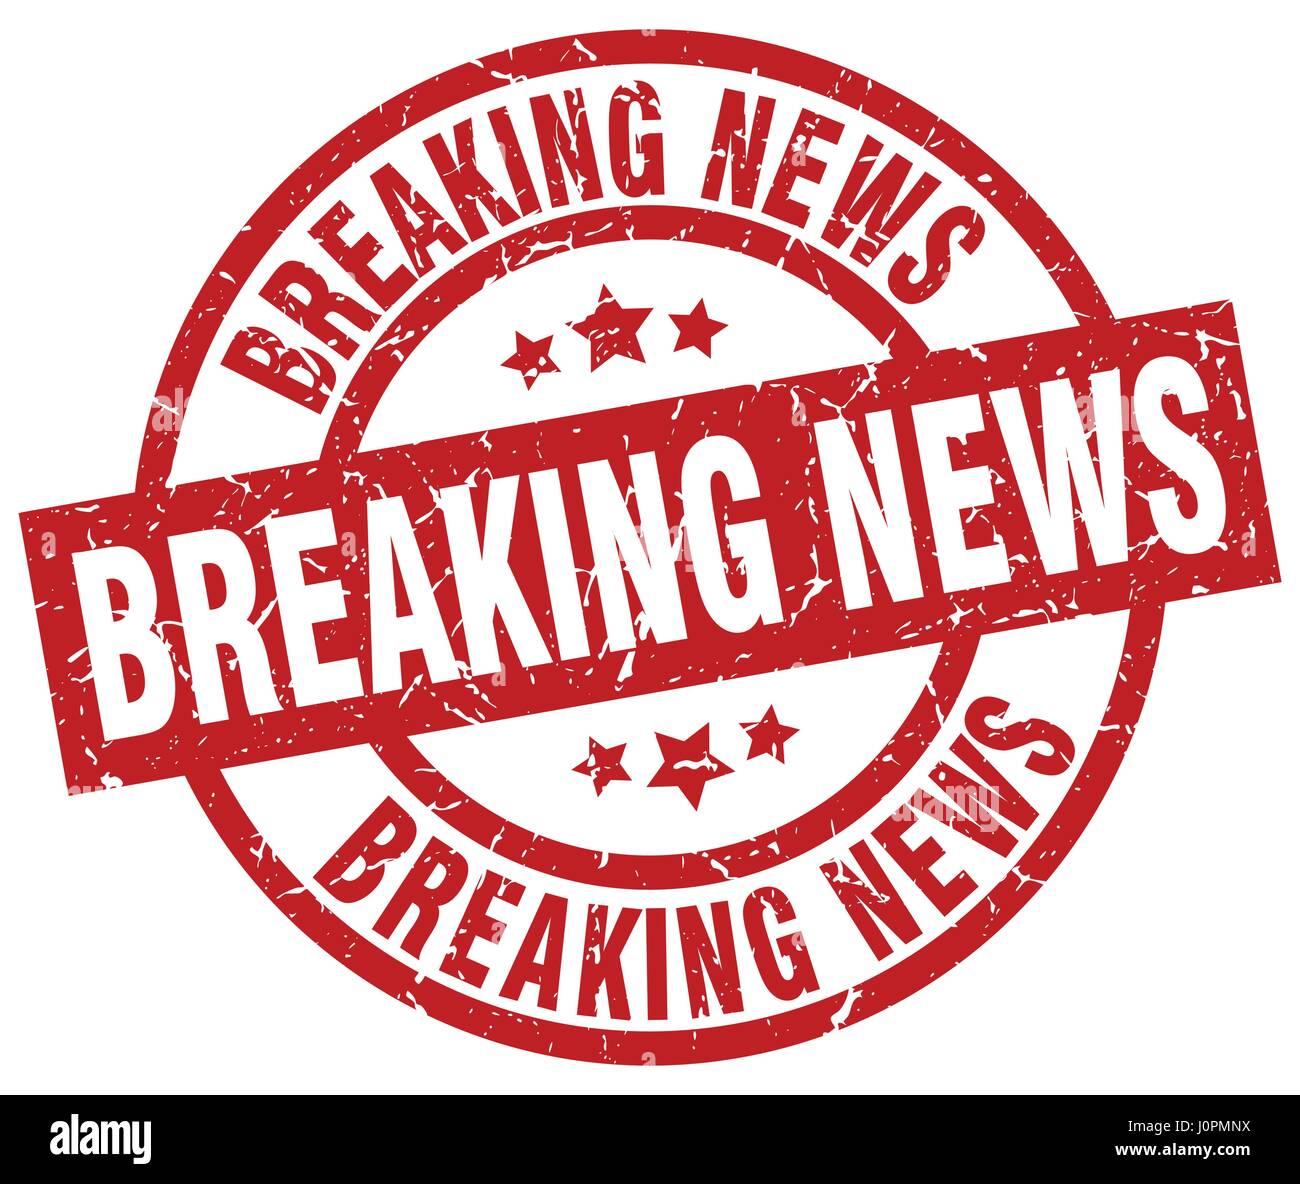 Breaking News Round Red Grunge Stamp